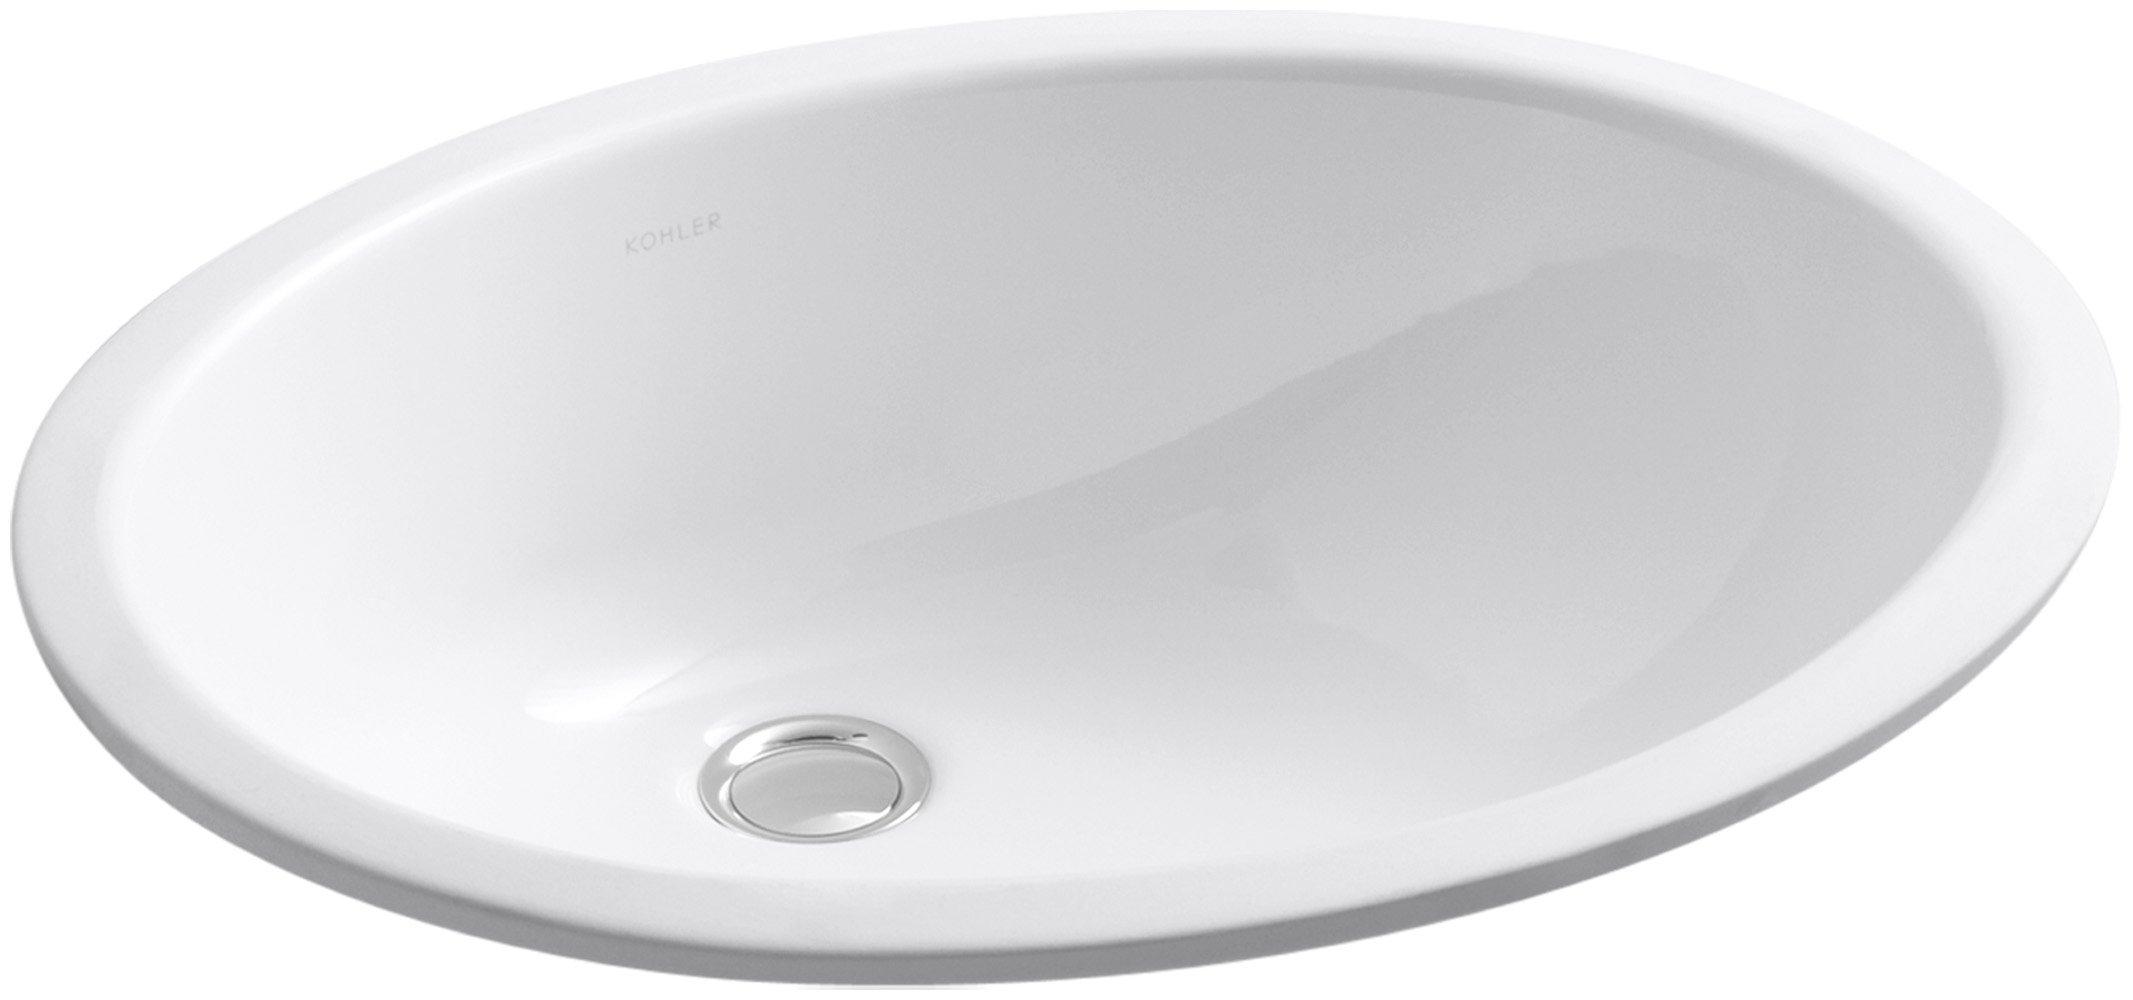 KOHLER K-2210-N-0 Caxton Bathroom Sink, White